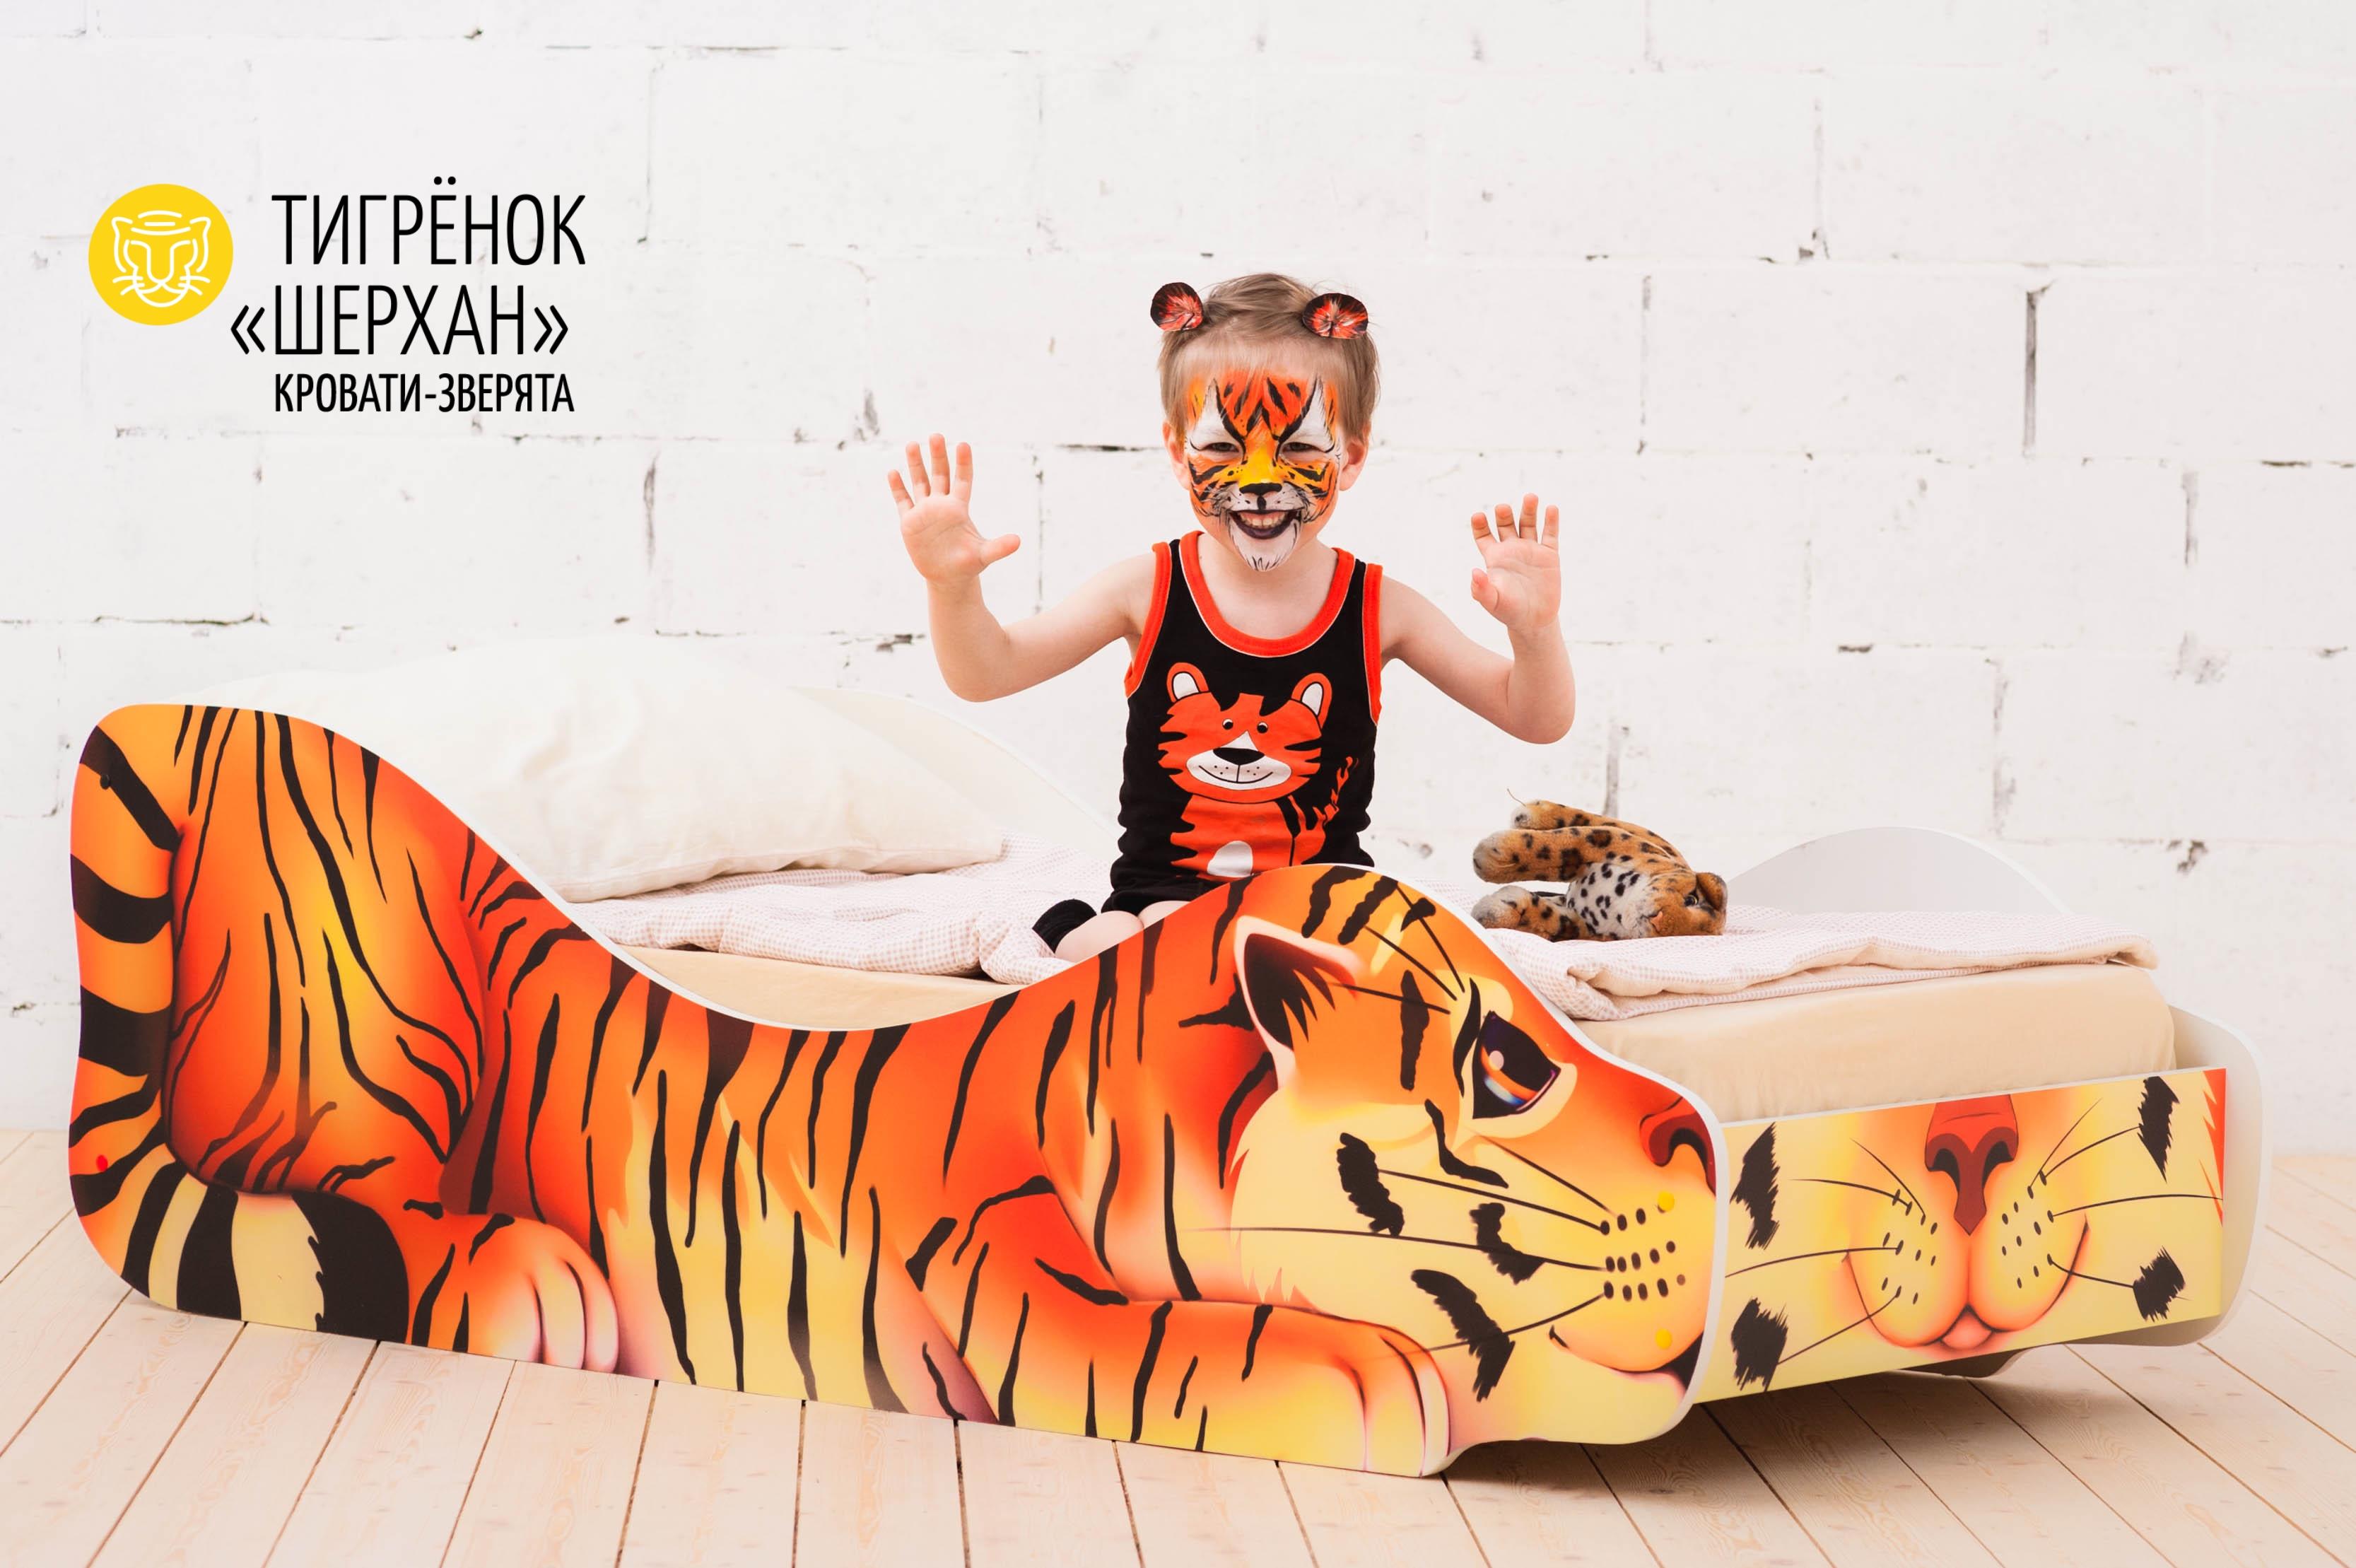 Детская кровать-зверенок -Тигренок-Шерхан-17